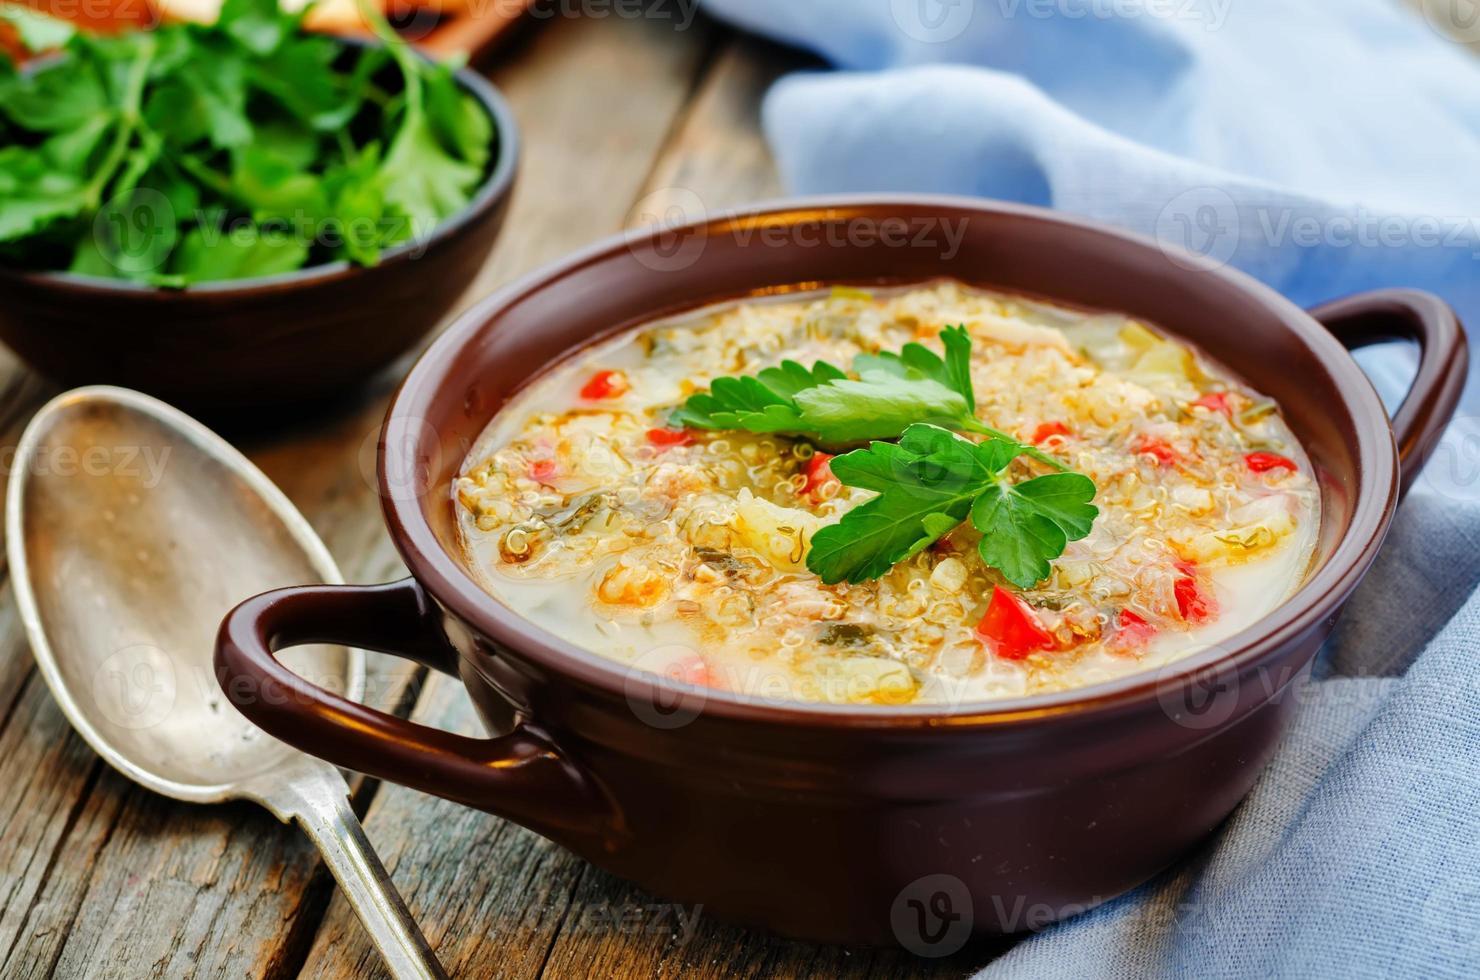 melksoep met aardappelen, quinoa en paprika foto